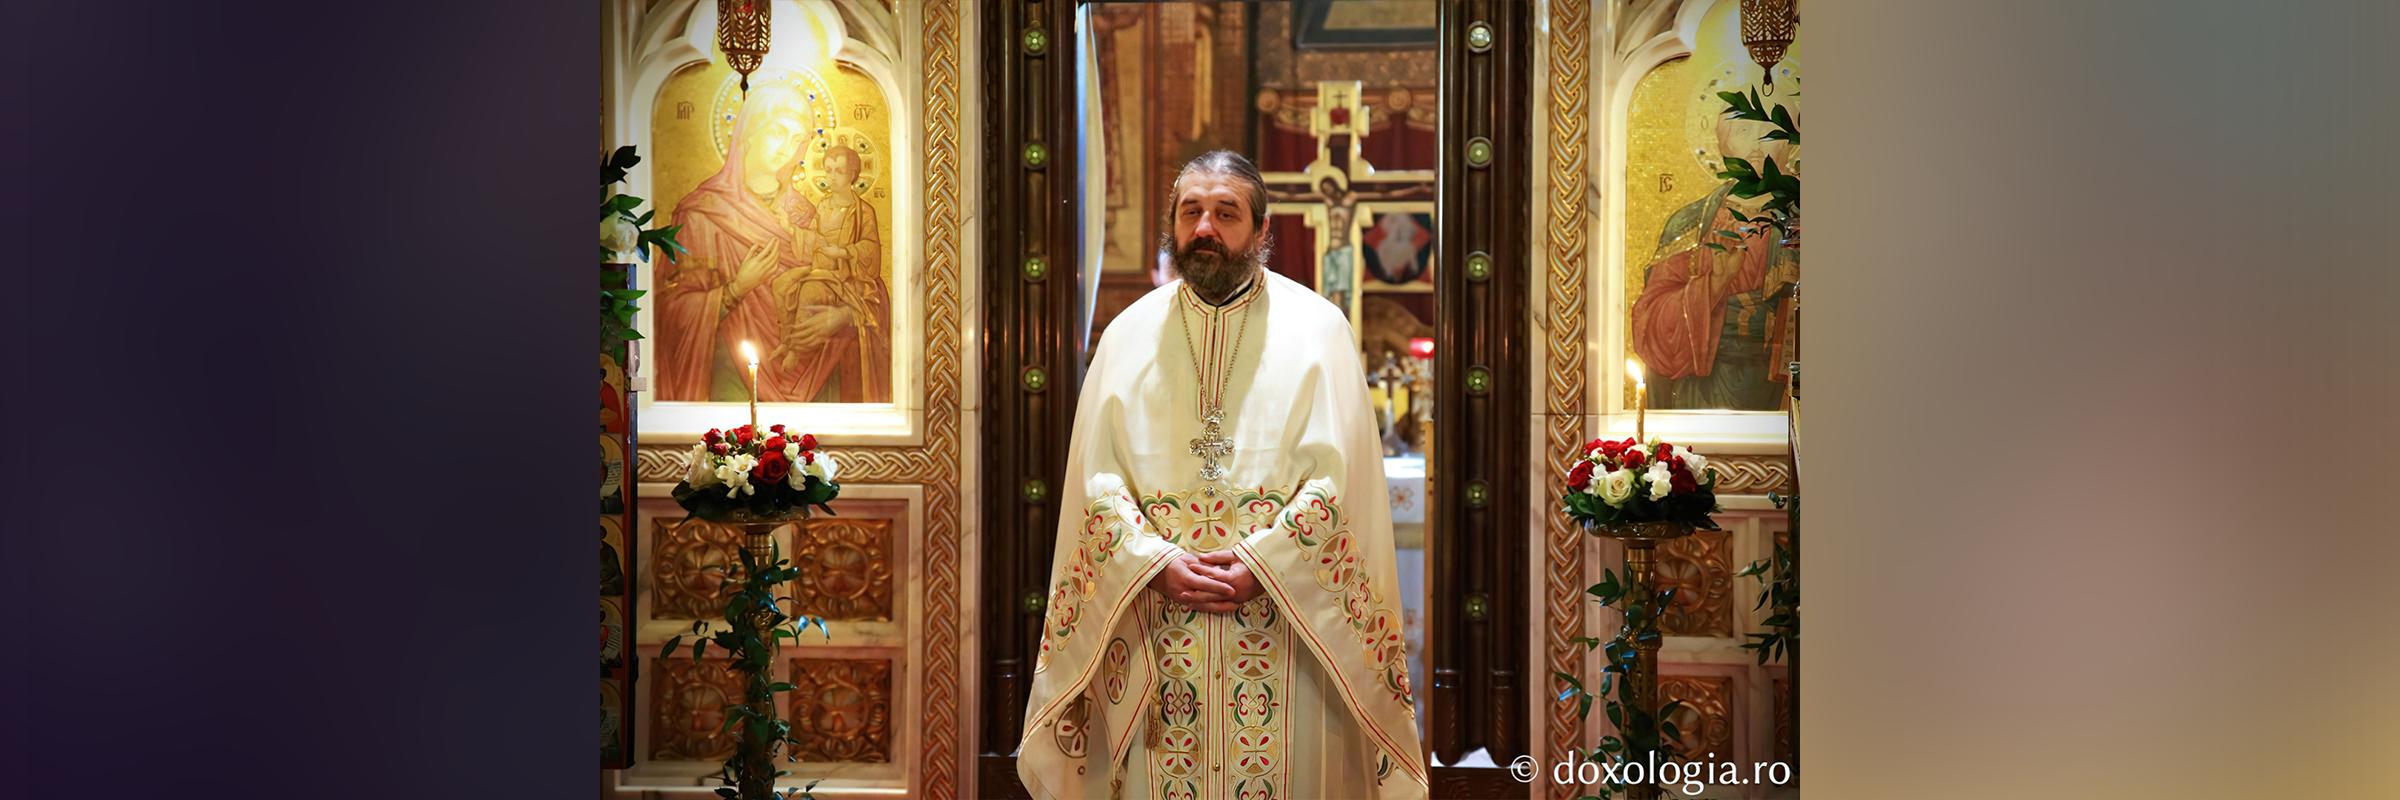 episcop_horia_nechifor